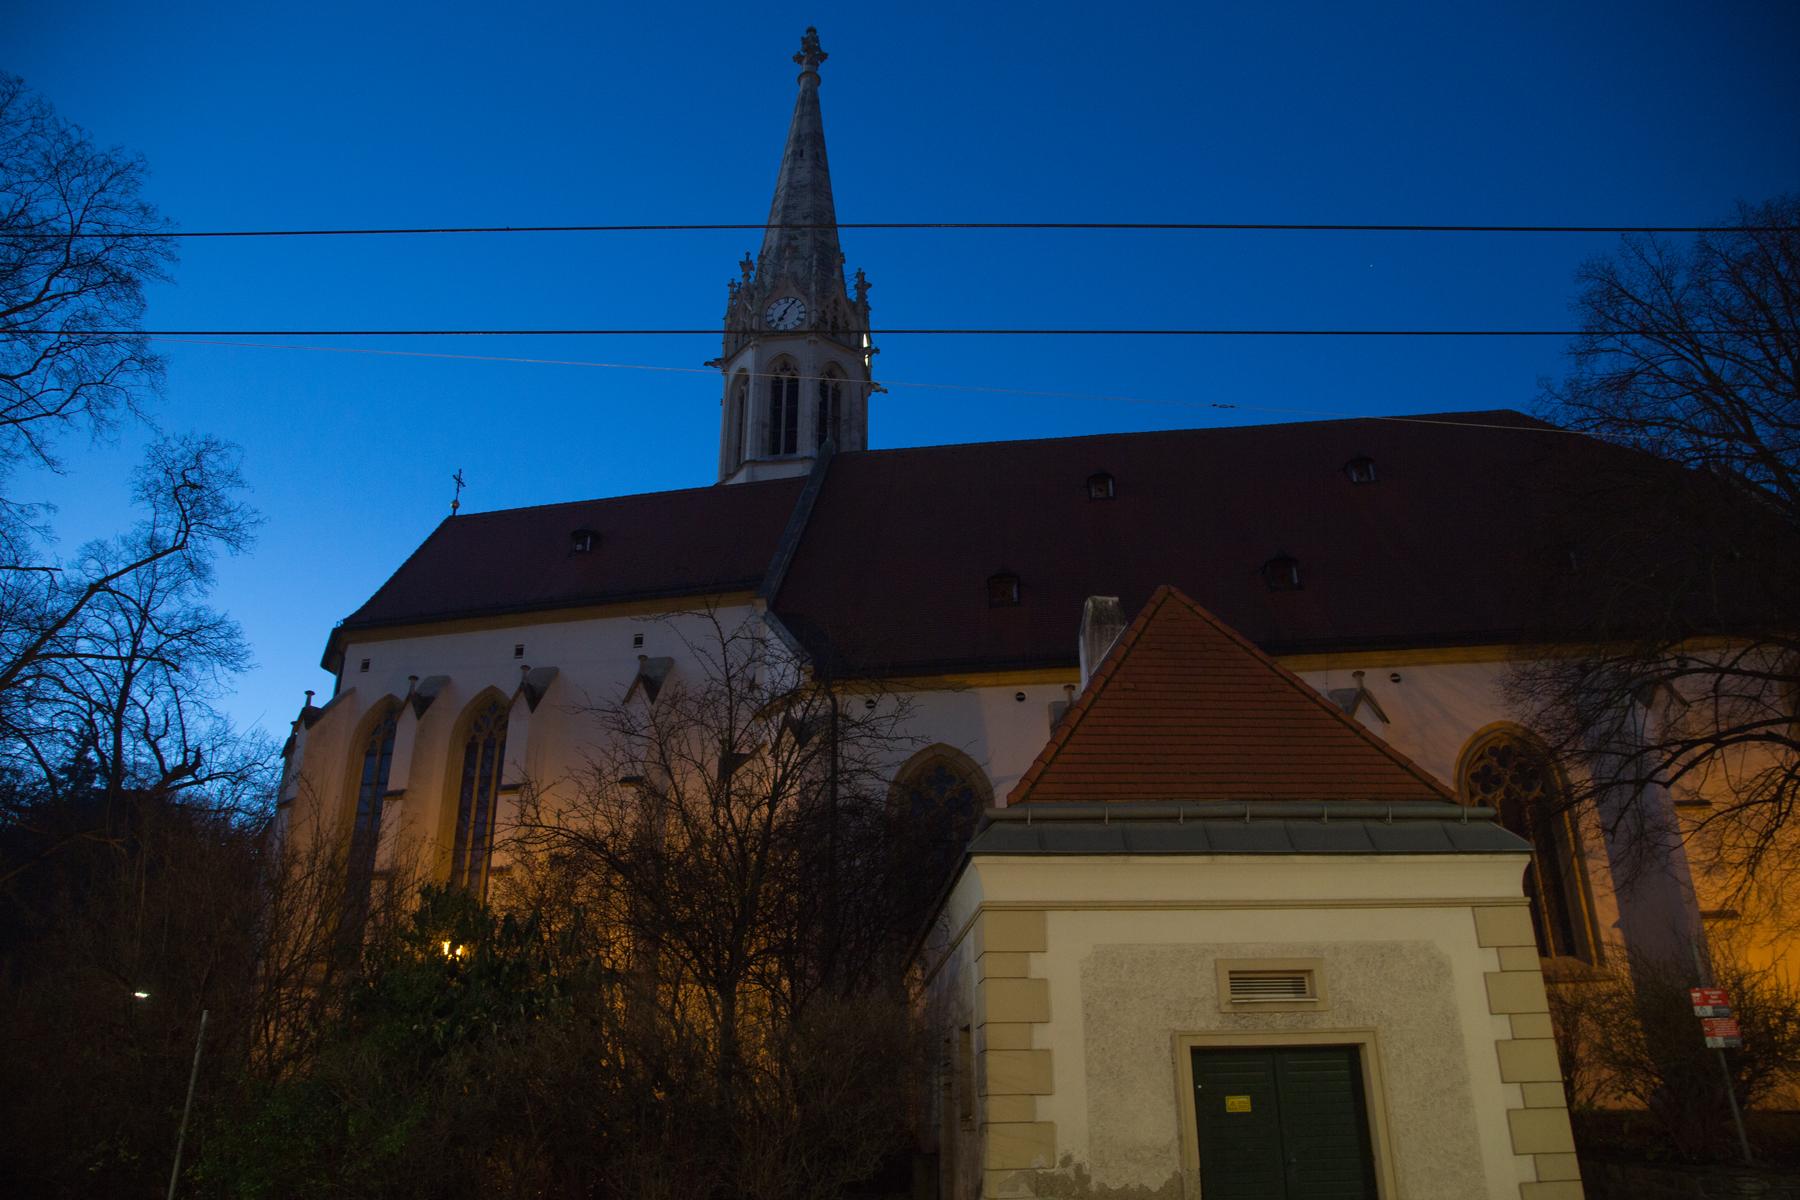 Kirche St. Michael in Heiligenstadt, Wien